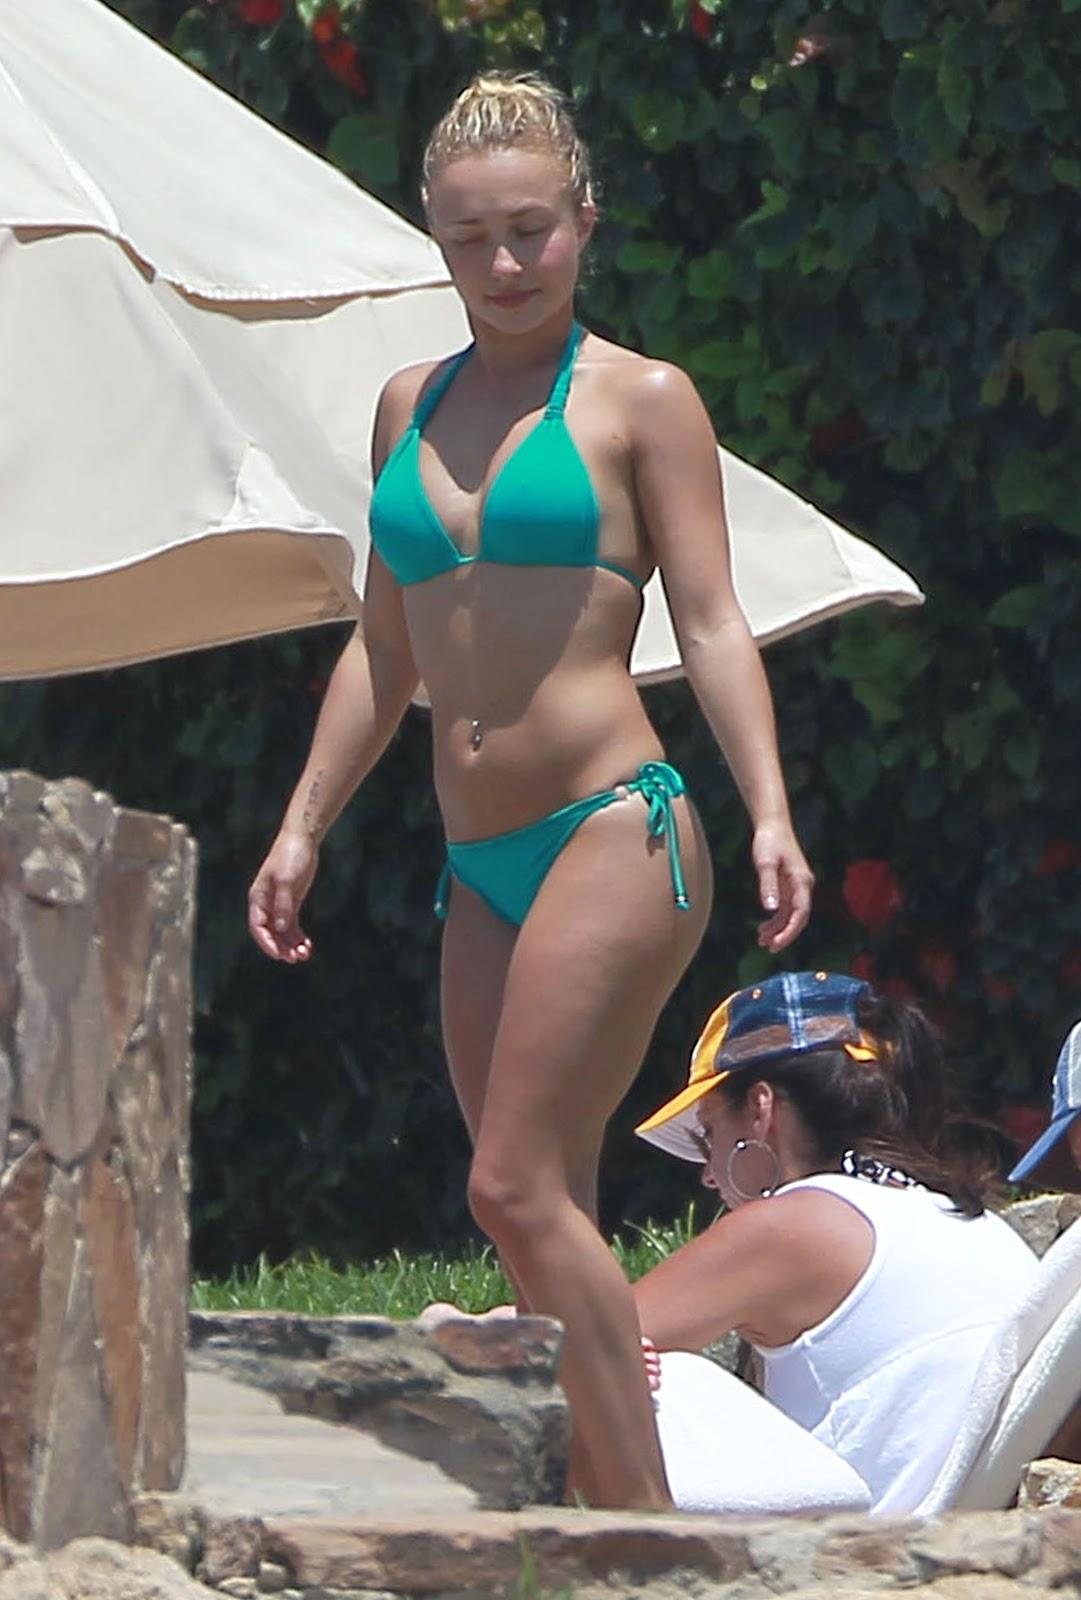 http://1.bp.blogspot.com/-ORupFSLd_J4/T_iuV7Sw8AI/AAAAAAAAKLA/wpEMcBiWrCU/s1600/Hayden+Panettiere+wearing+Green+Bikini+in+Cabo+San+Lucas+2012-+03.jpg